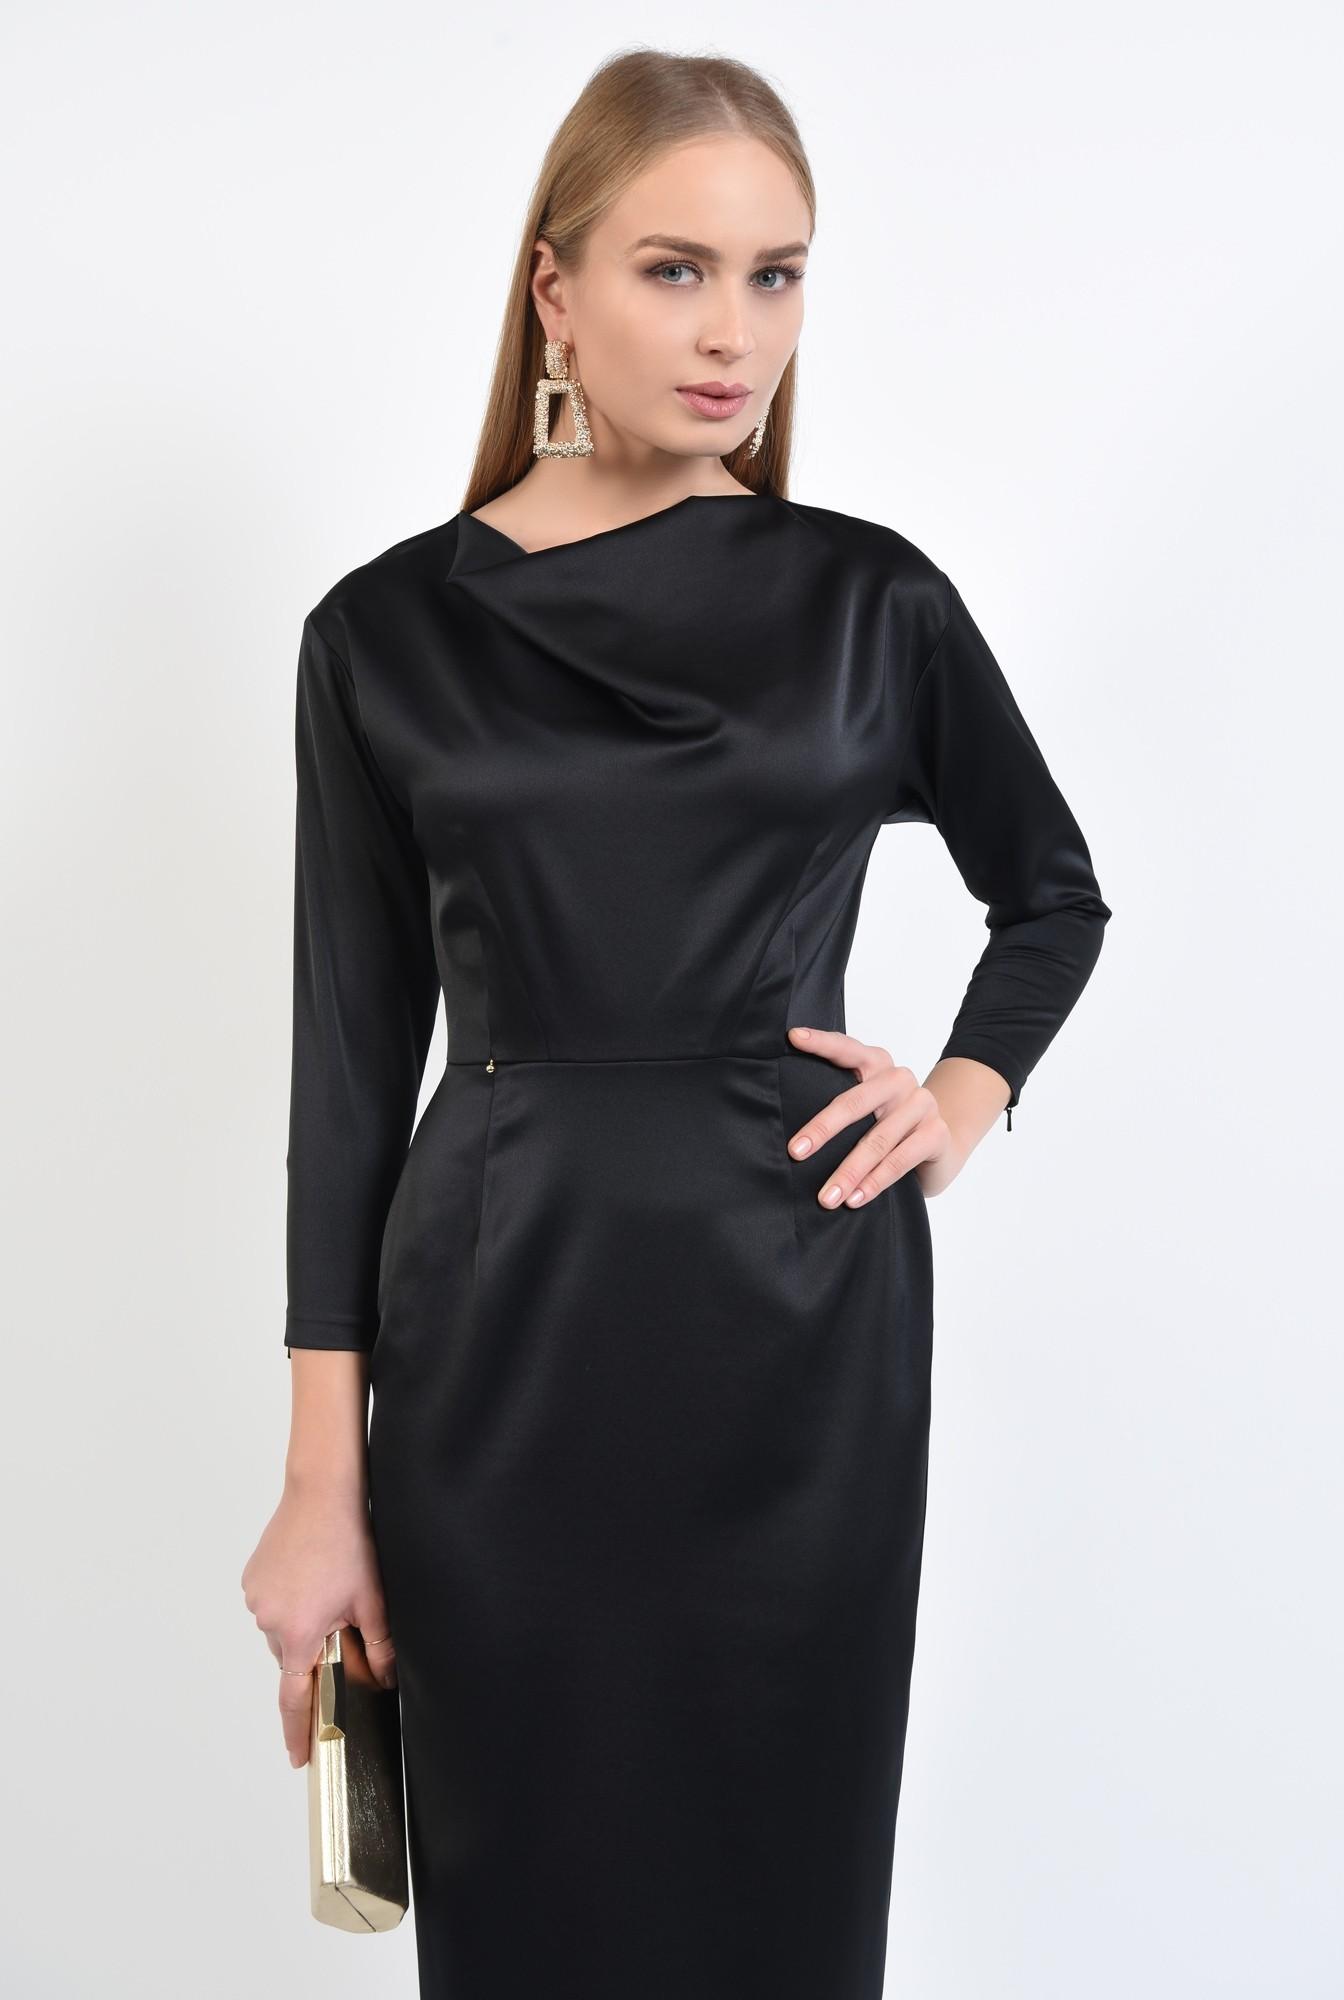 2 - rochie de ocazie, neagra, lunga, cambrata, drapata la decolteu